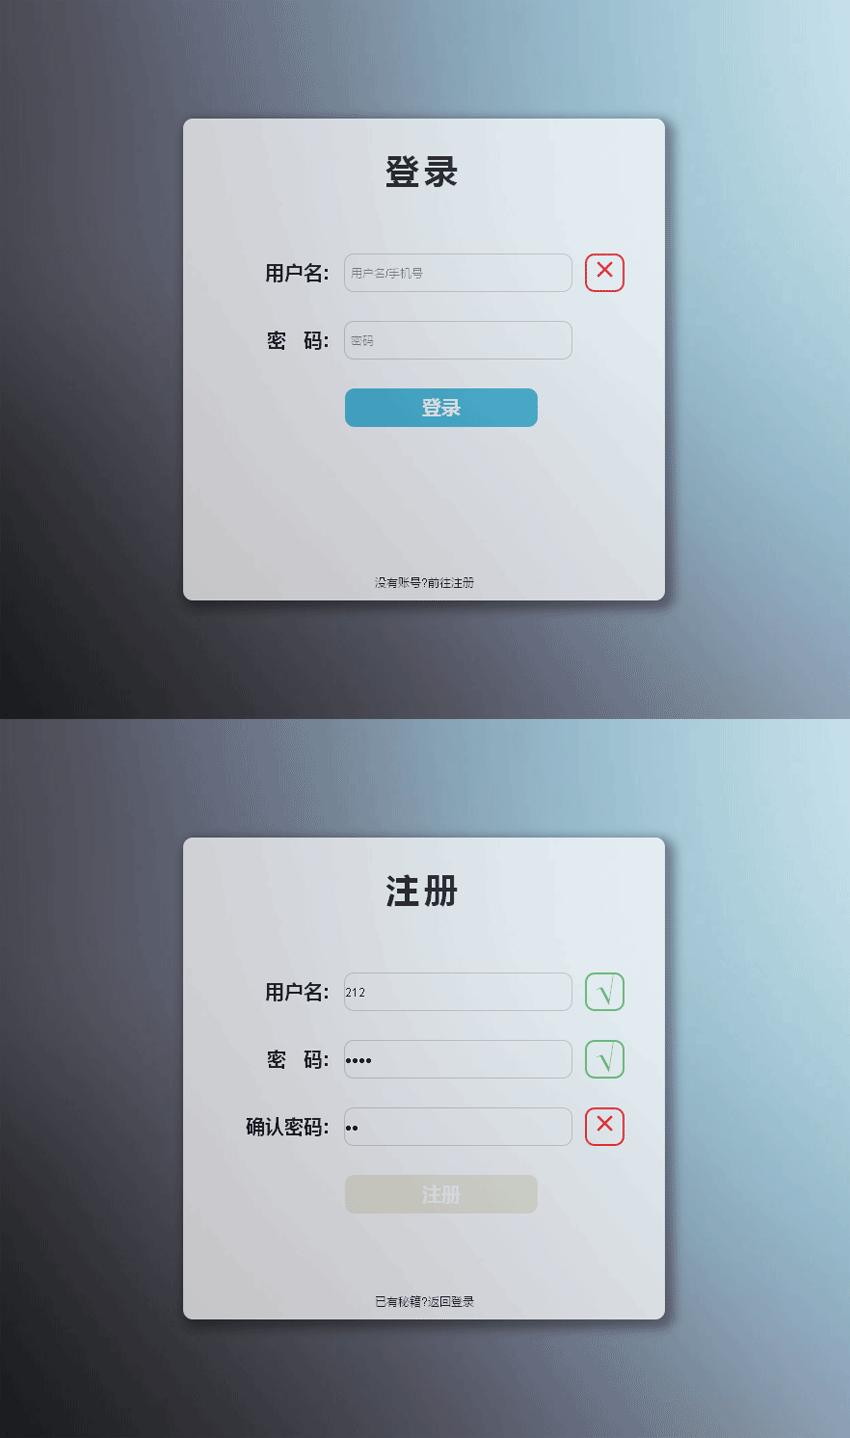 jquery简单的用户登录注册页面表单切换效果